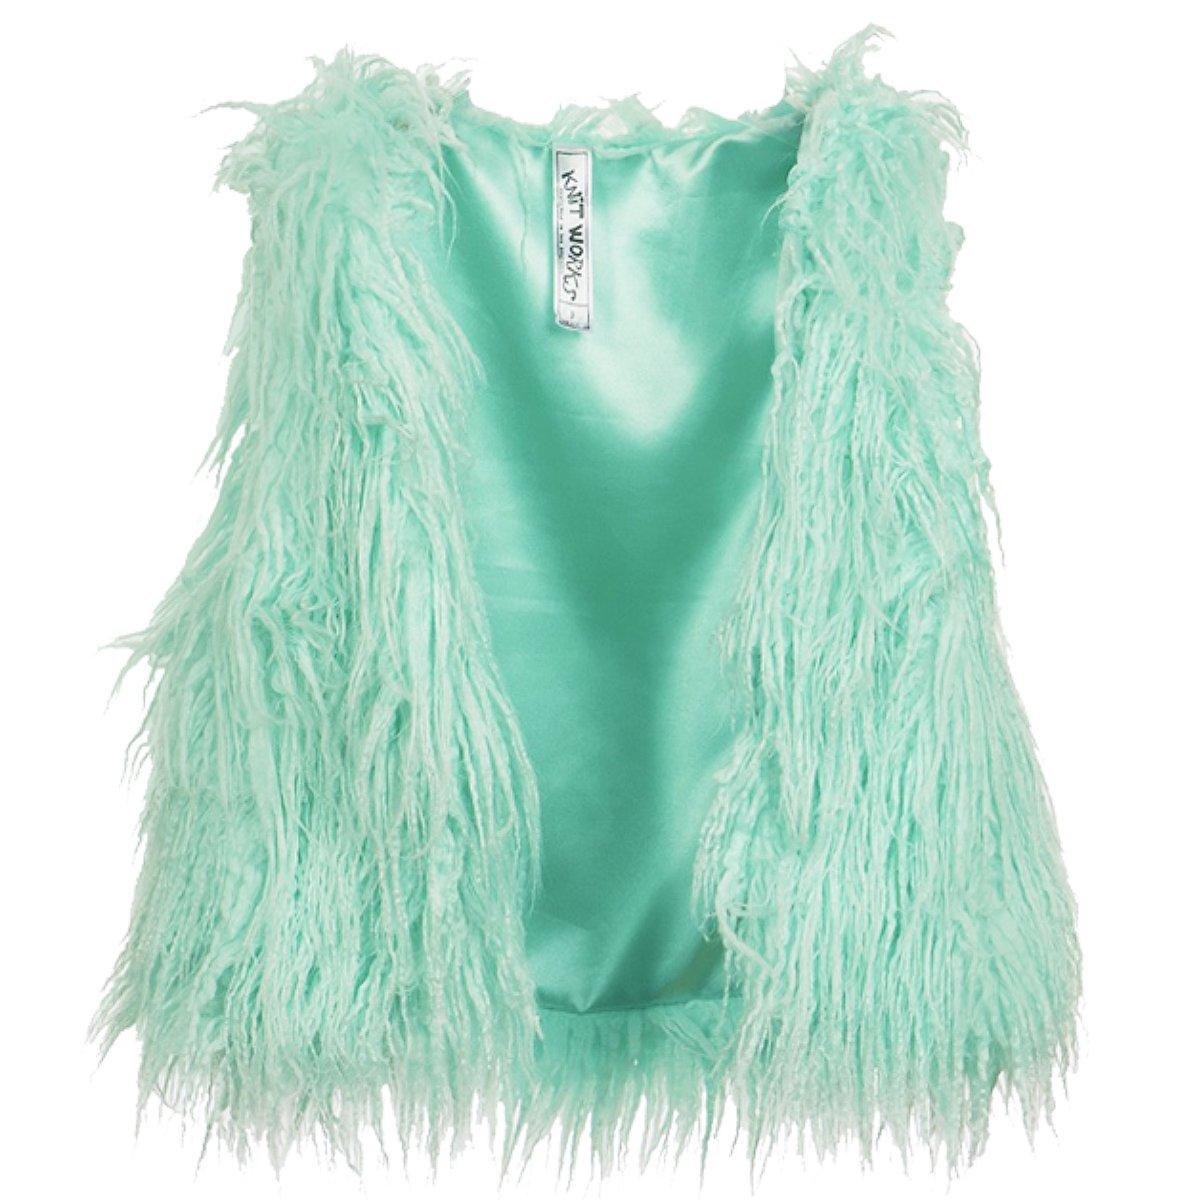 FAST TREND CLOTHING New Kids Girls Stylish Furry Eyelash Jacket Gilet Coat Age 7-11 Years Mint)